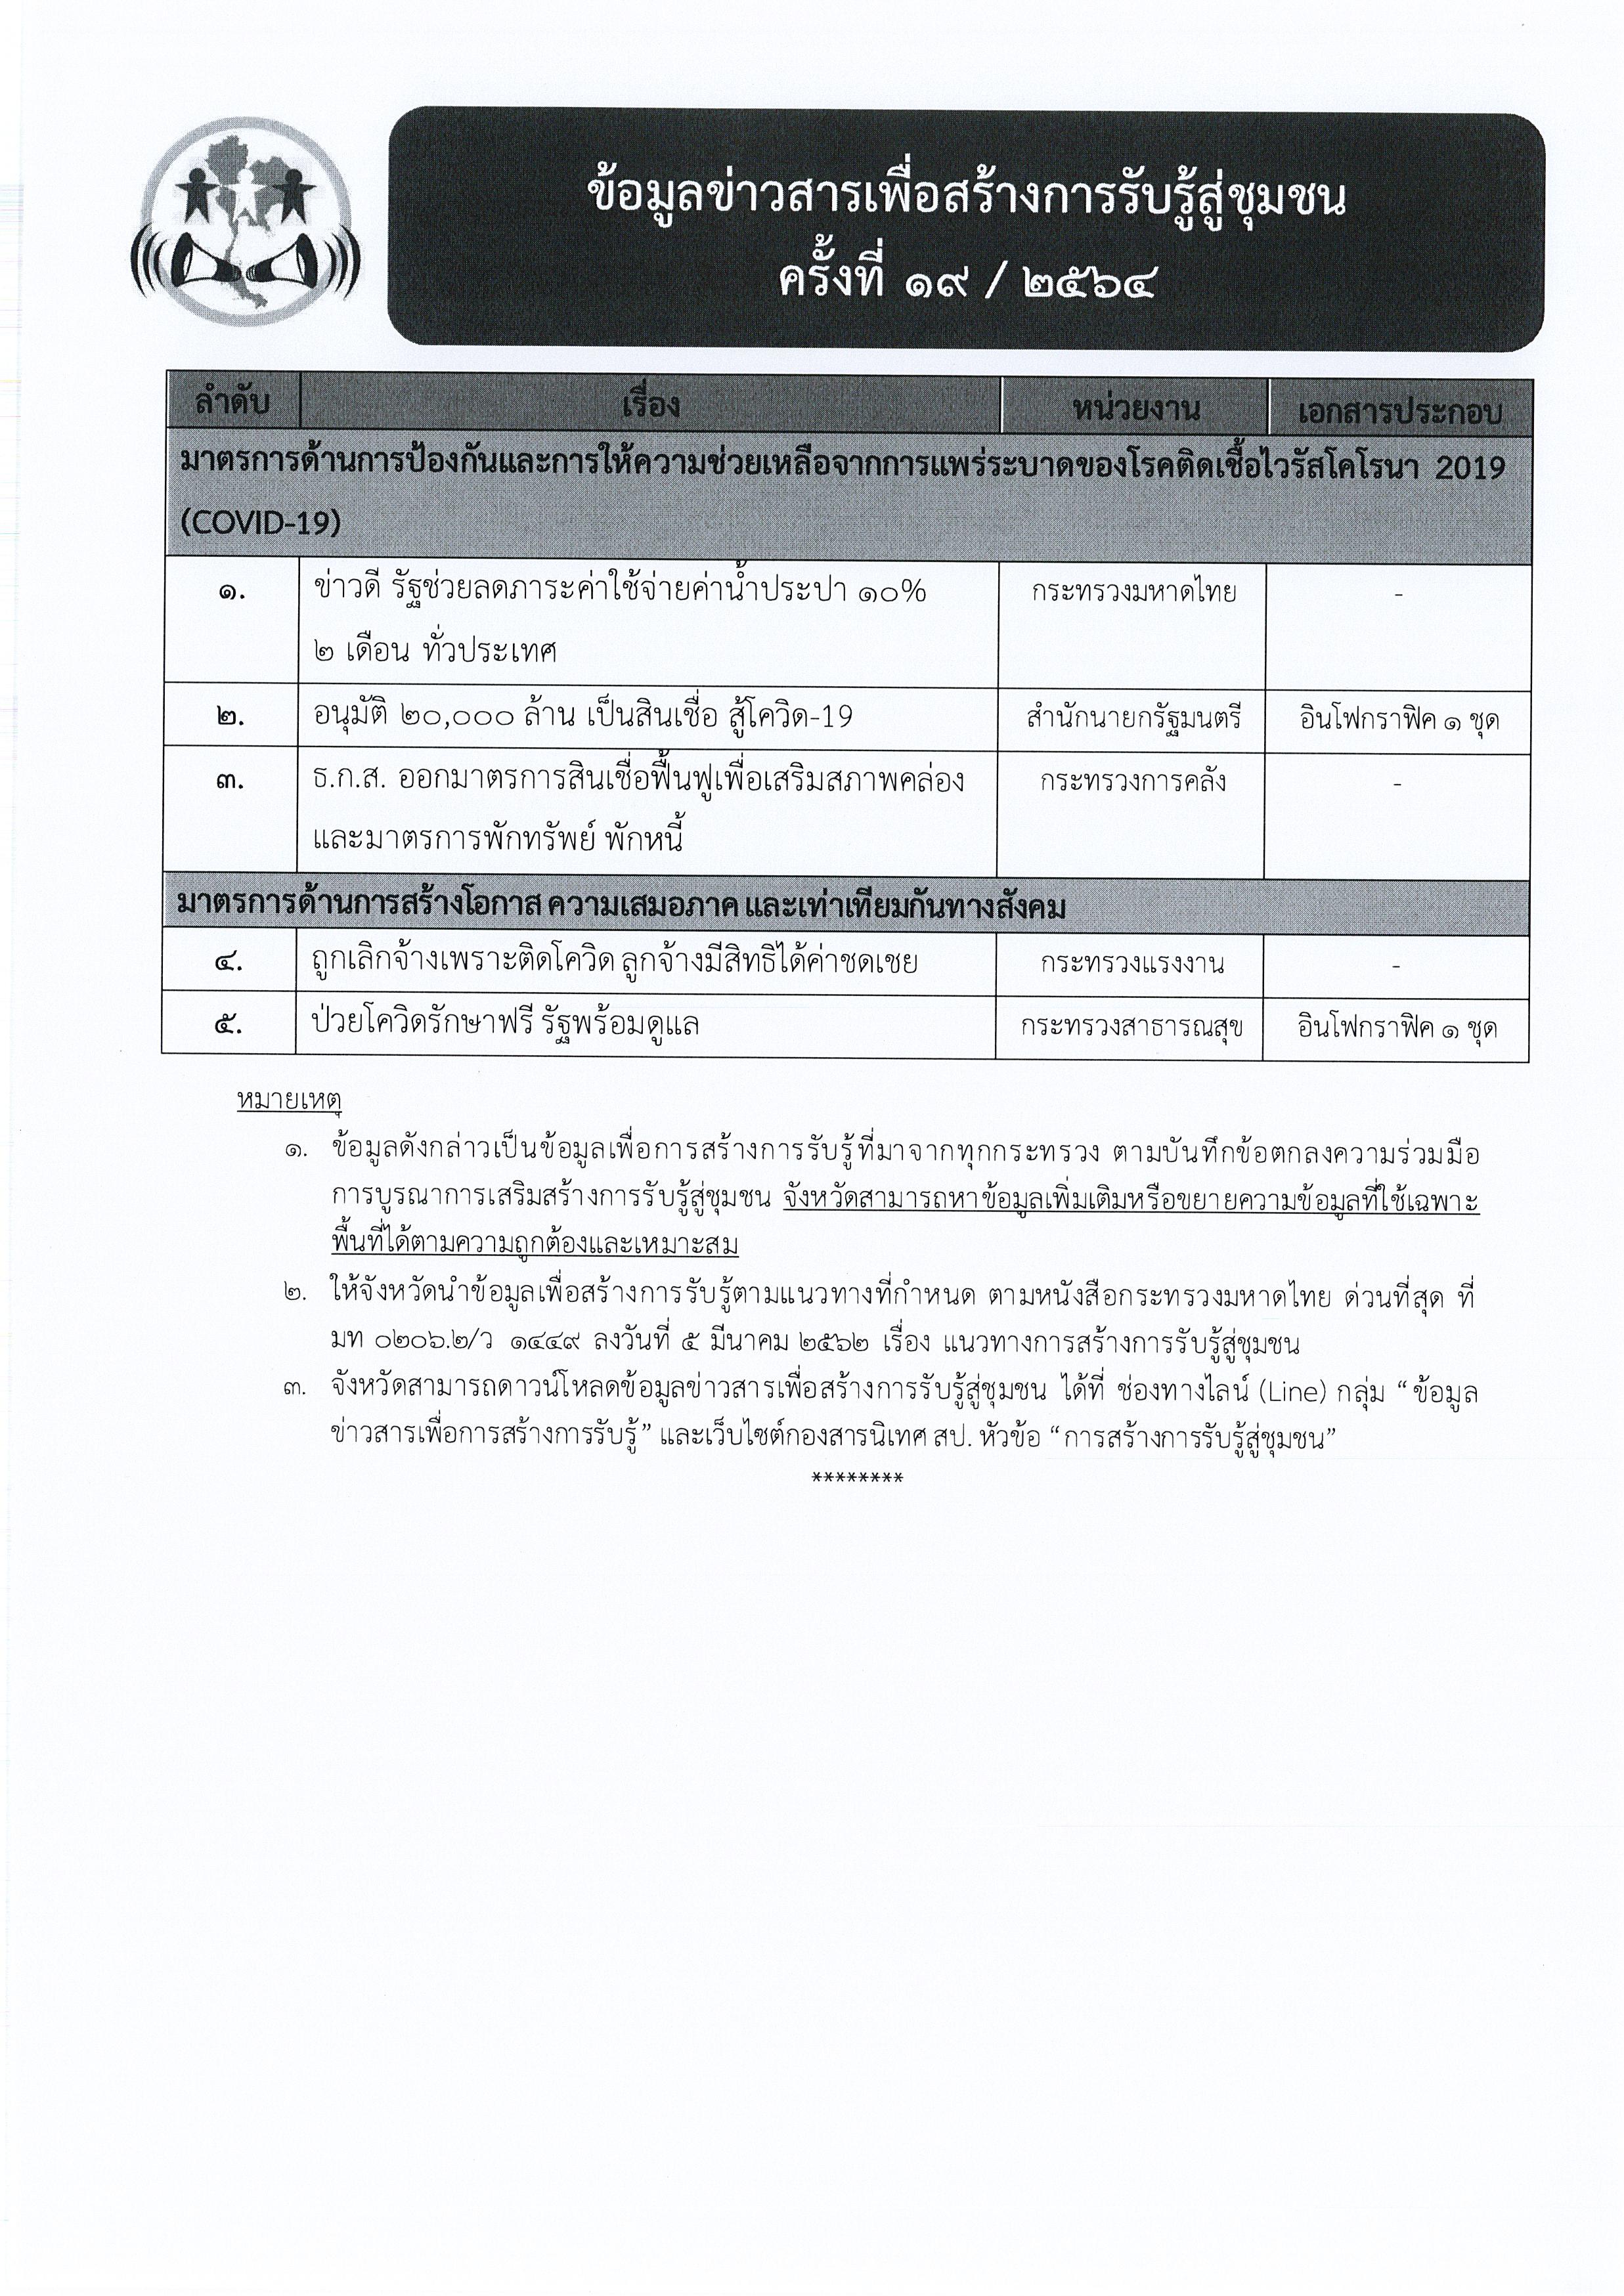 ข้อมูลข่าวสารเพื่อสร้างการรับรู้สู่ชุมชุน ครั้งที่ 19/2564